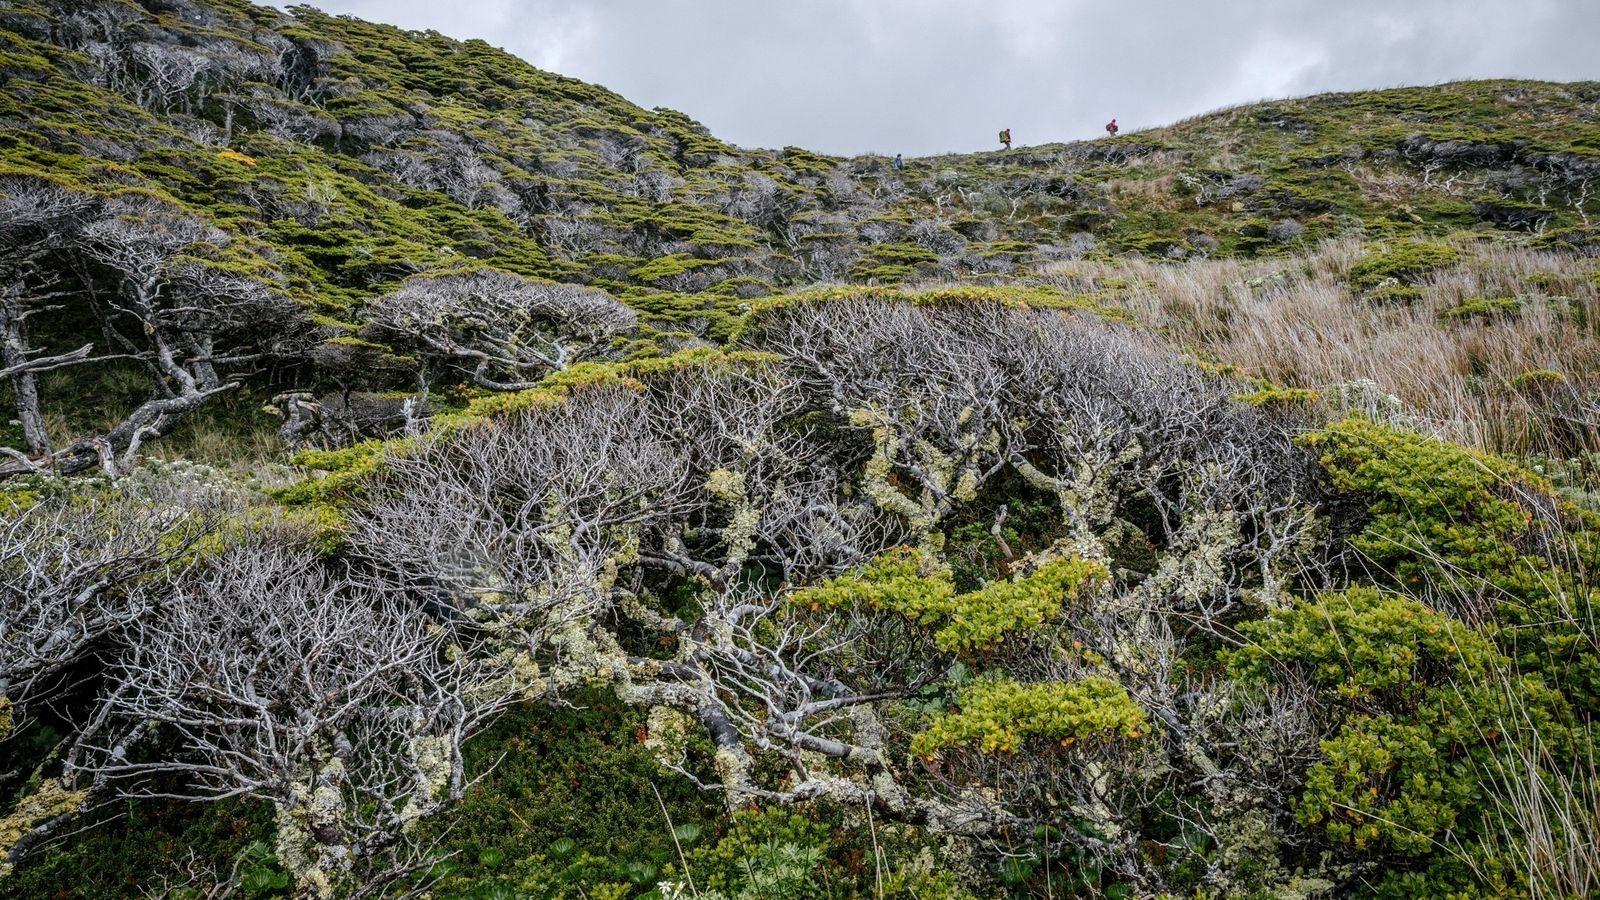 En busca del árbol más austral de la Tierra, los científicos atraviesan la espesura del bosque ...